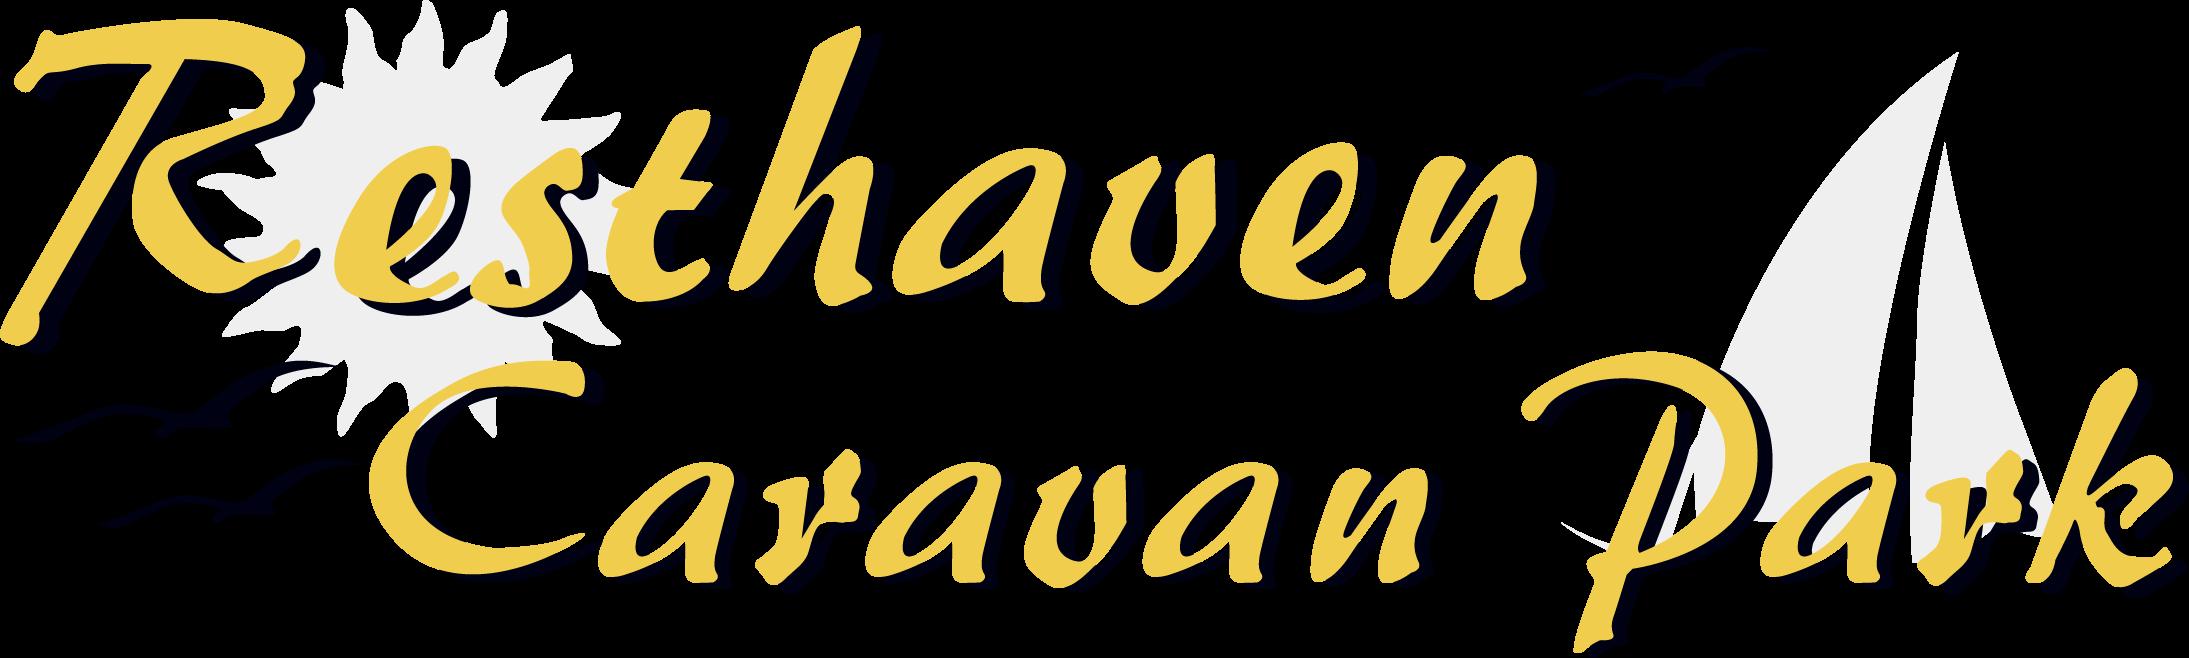 Resthaven Caravan Park